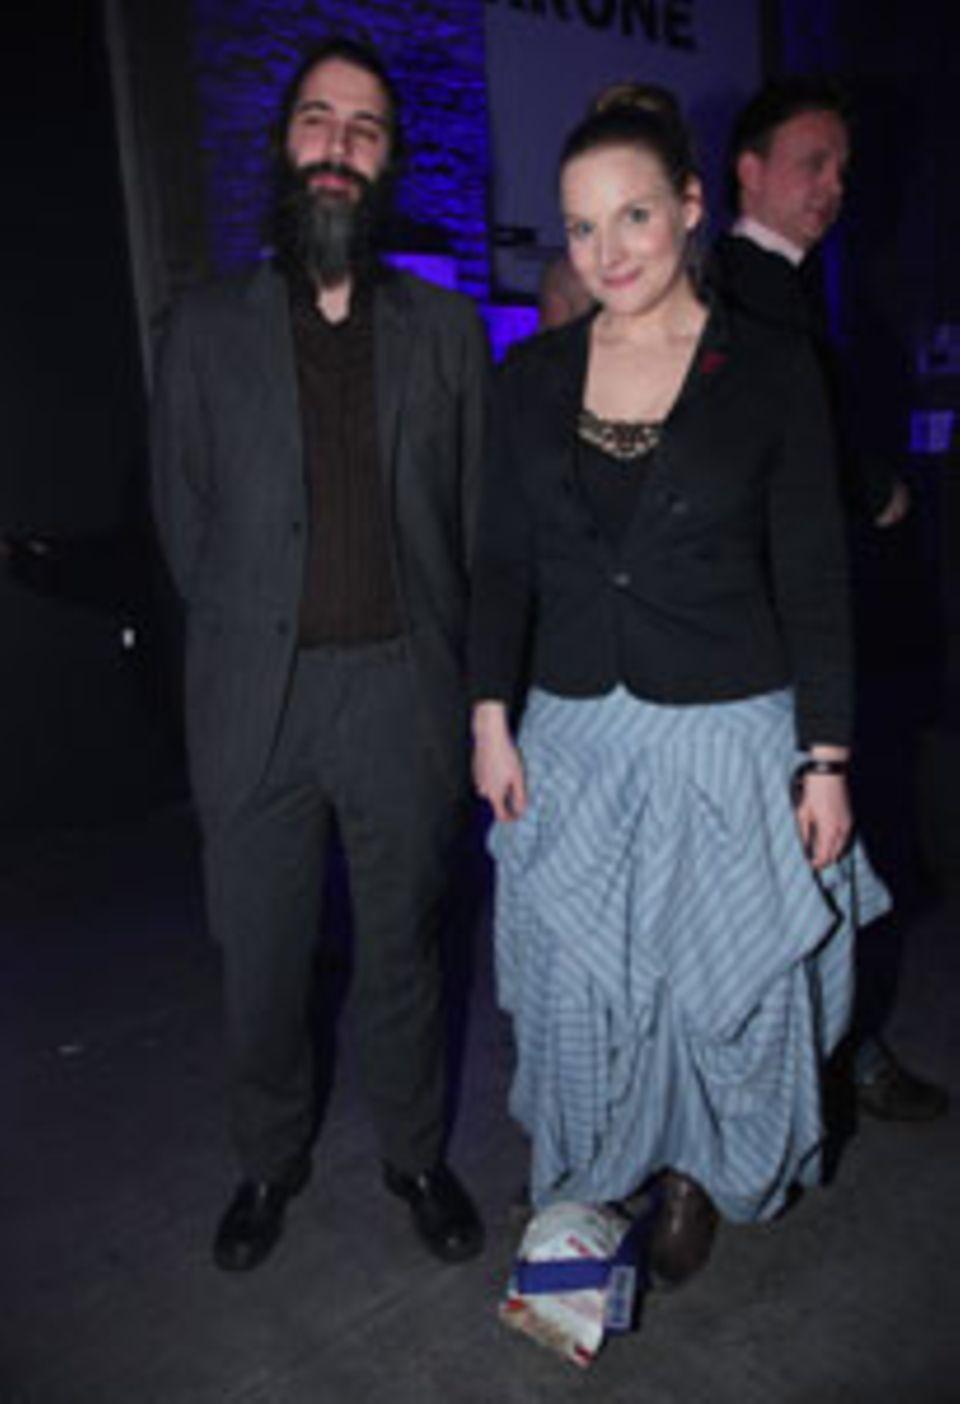 Judith Holofernes und ihr Mann, Schlagzeuger Pola Roy, 2010. Die beiden haben zwei Kinder, 7 und 4 Jahre alt